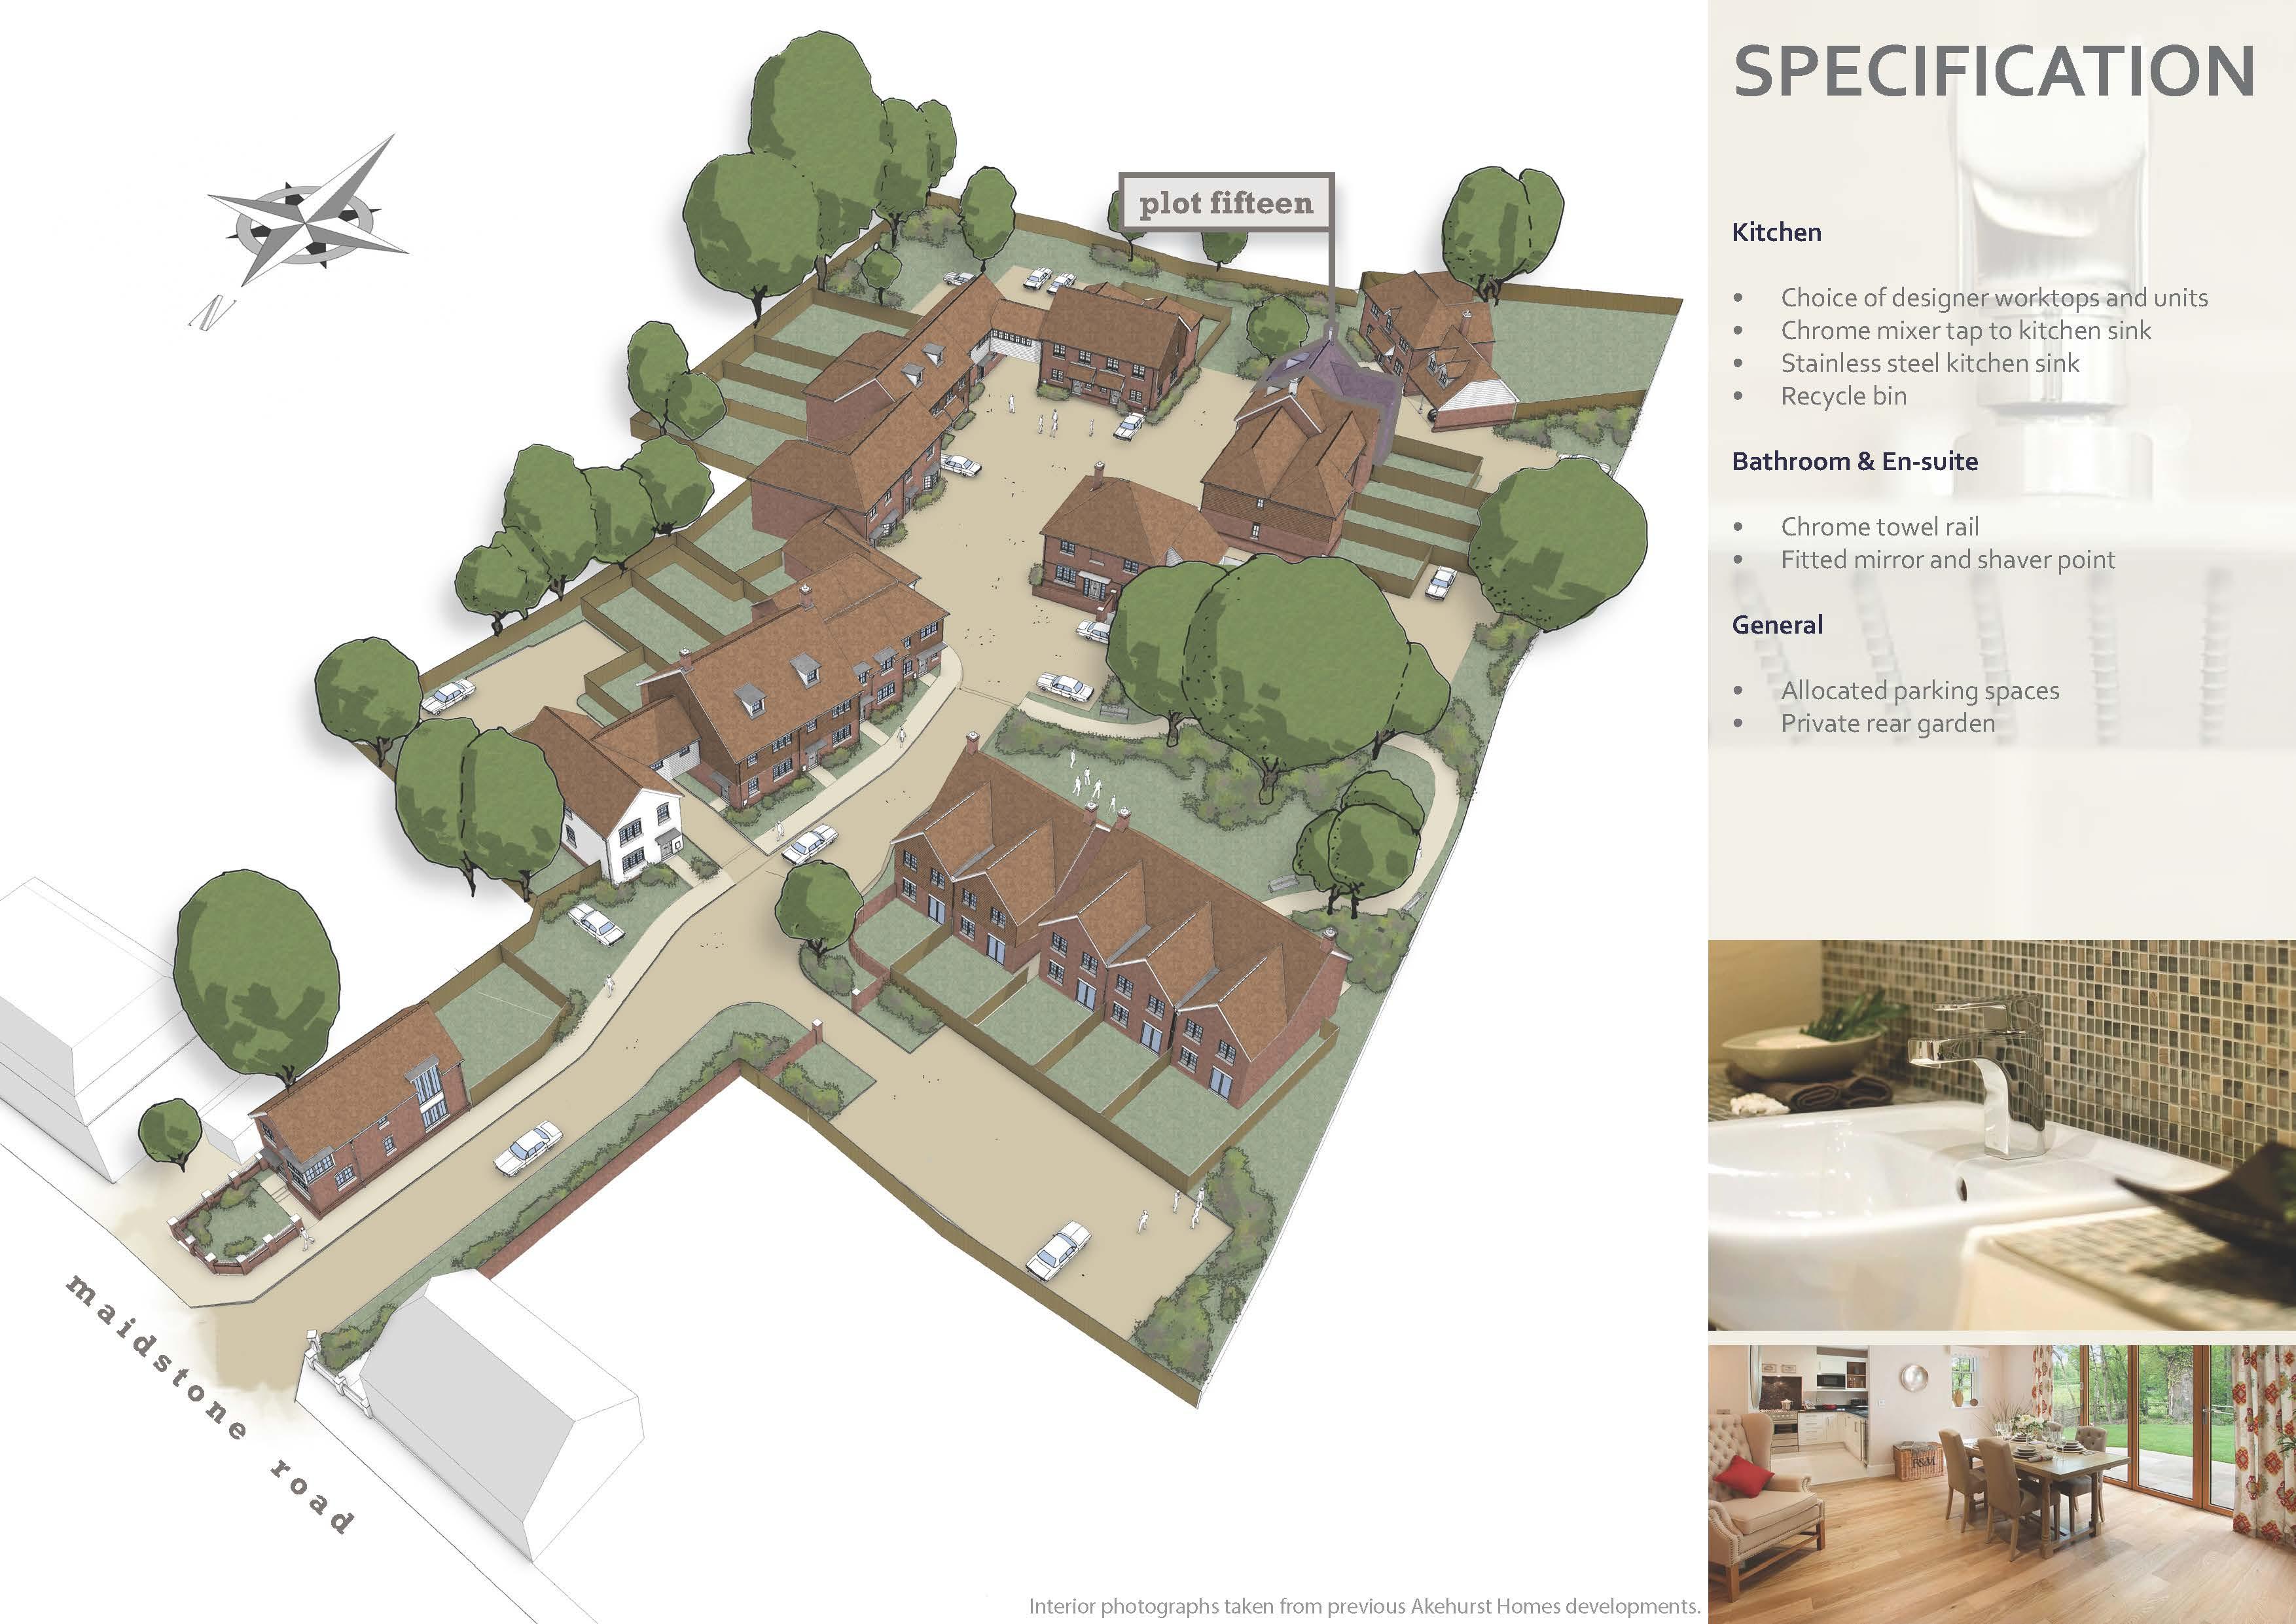 Golding Places house for sale 3-beds Plot 15 Tolhurst Way Site Plan